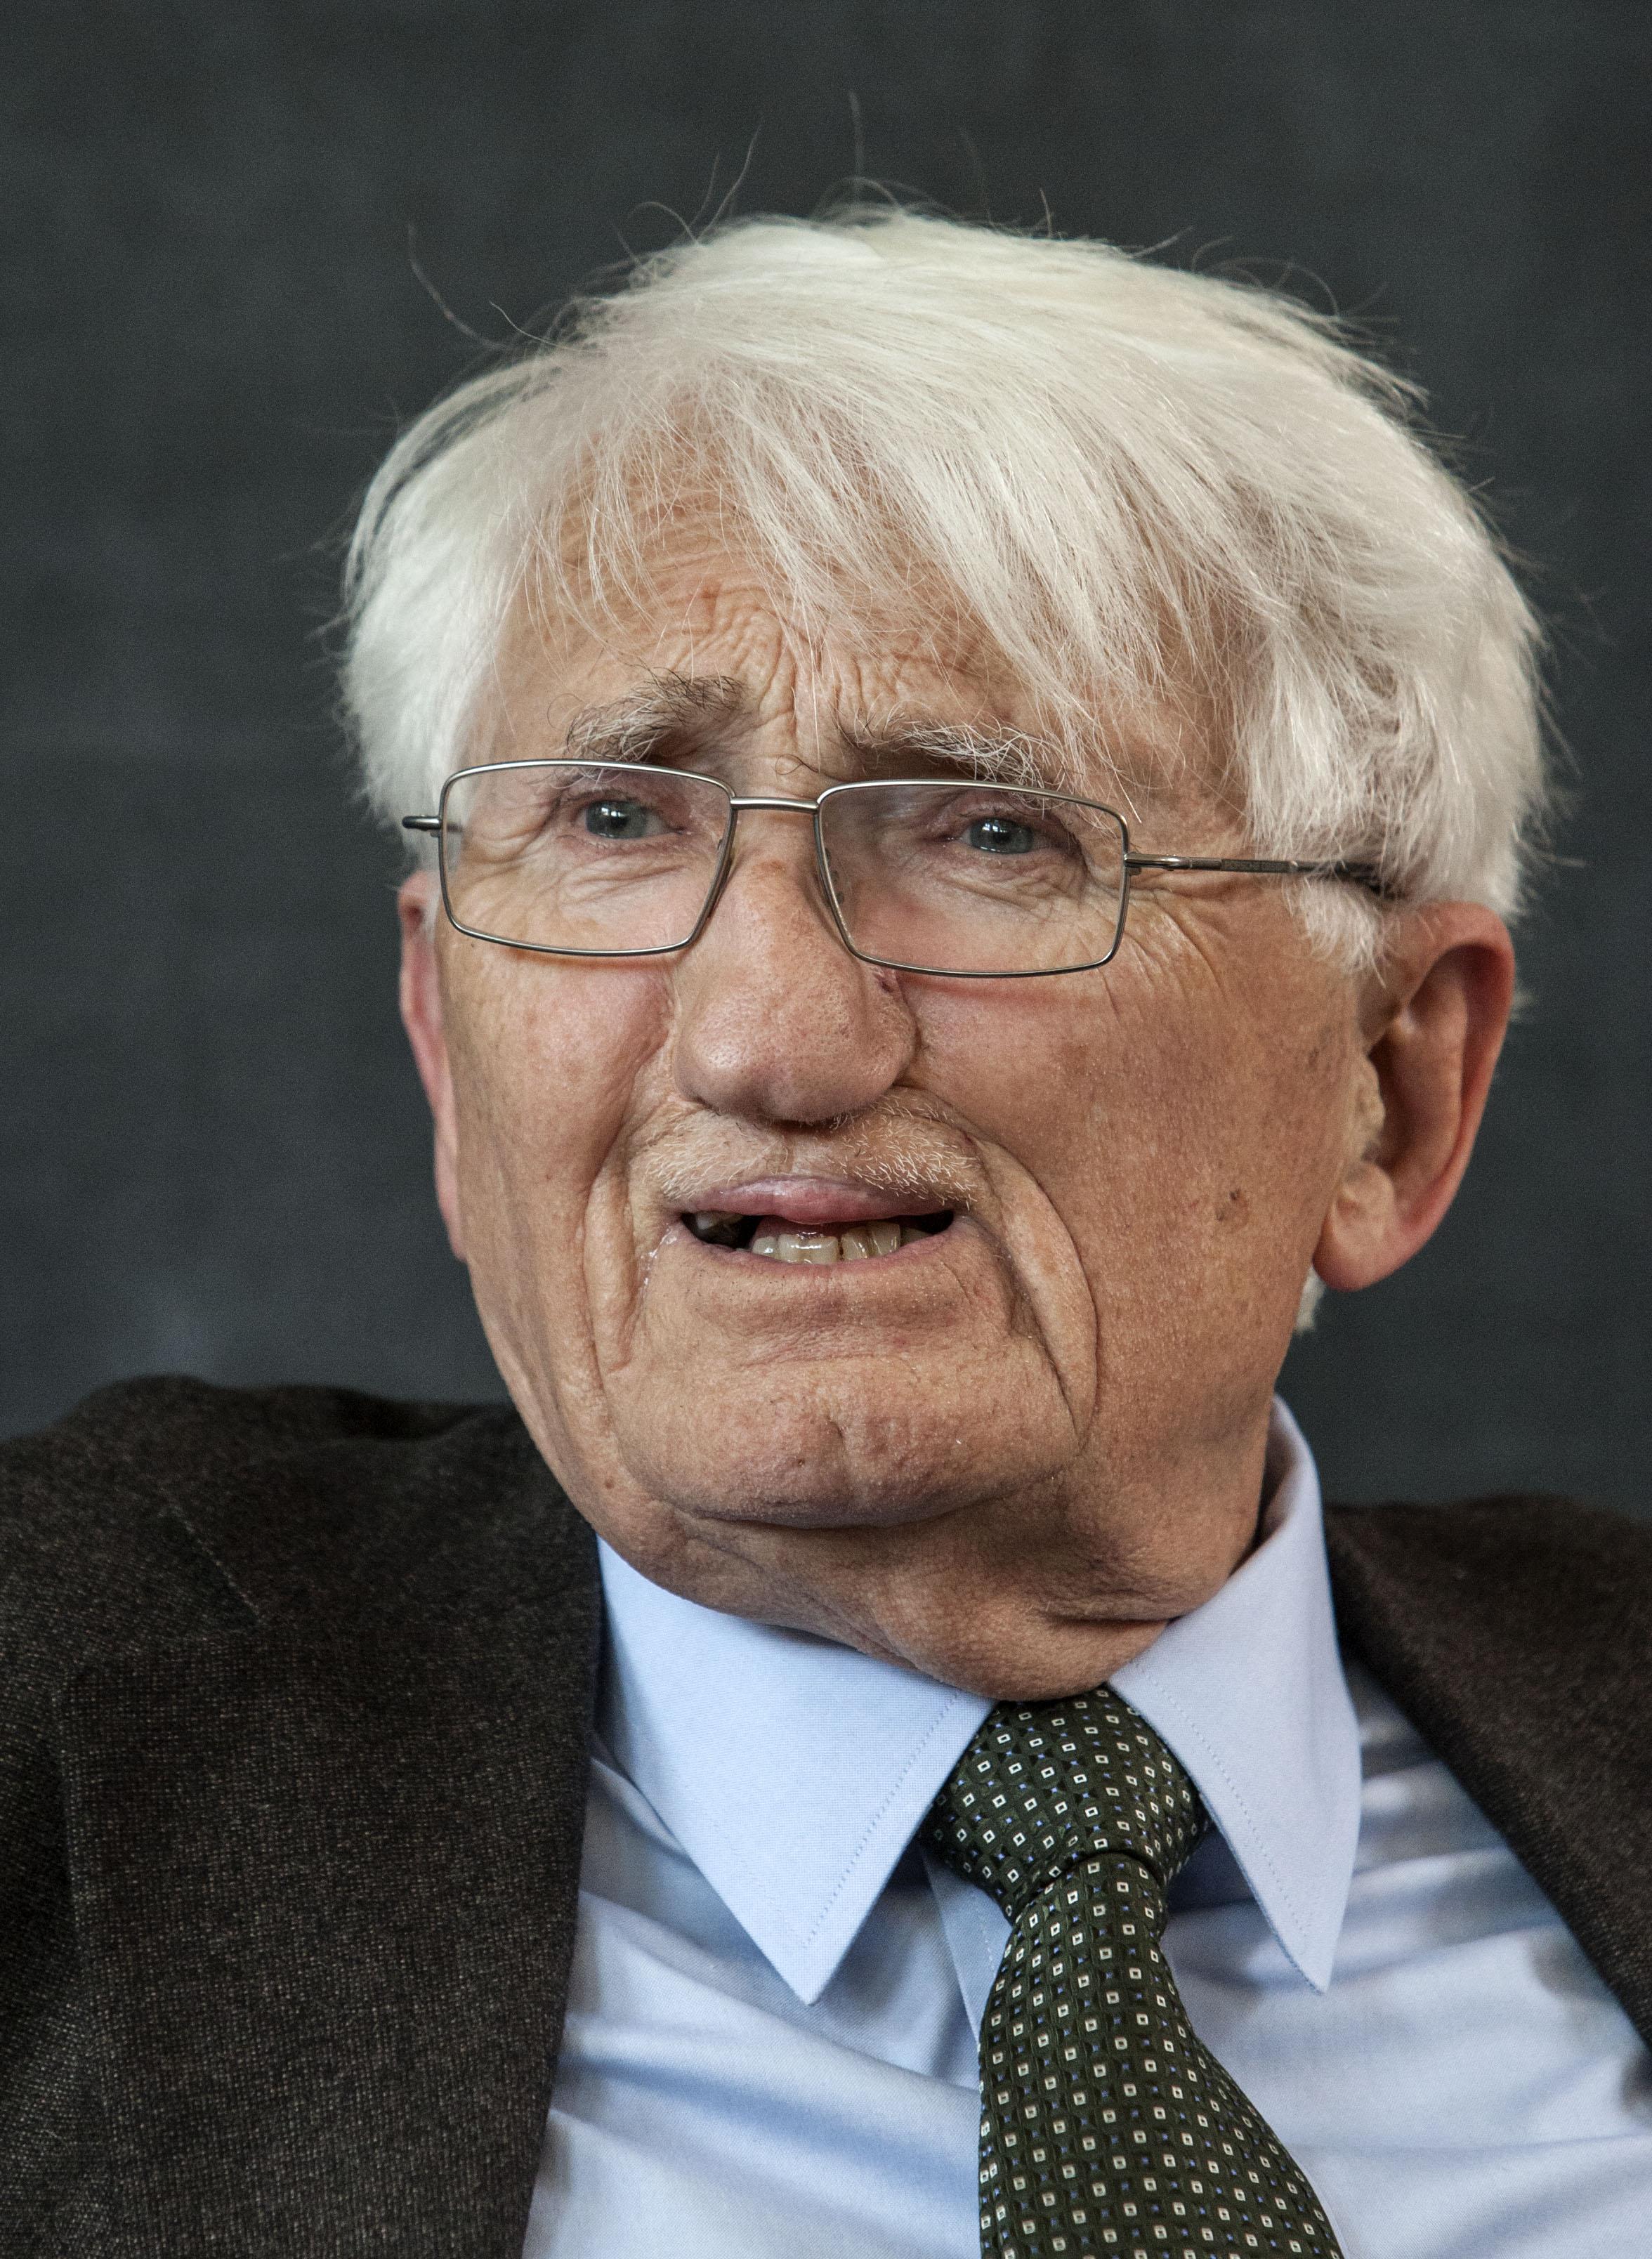 Veja o que saiu no Migalhas sobre Jürgen Habermas